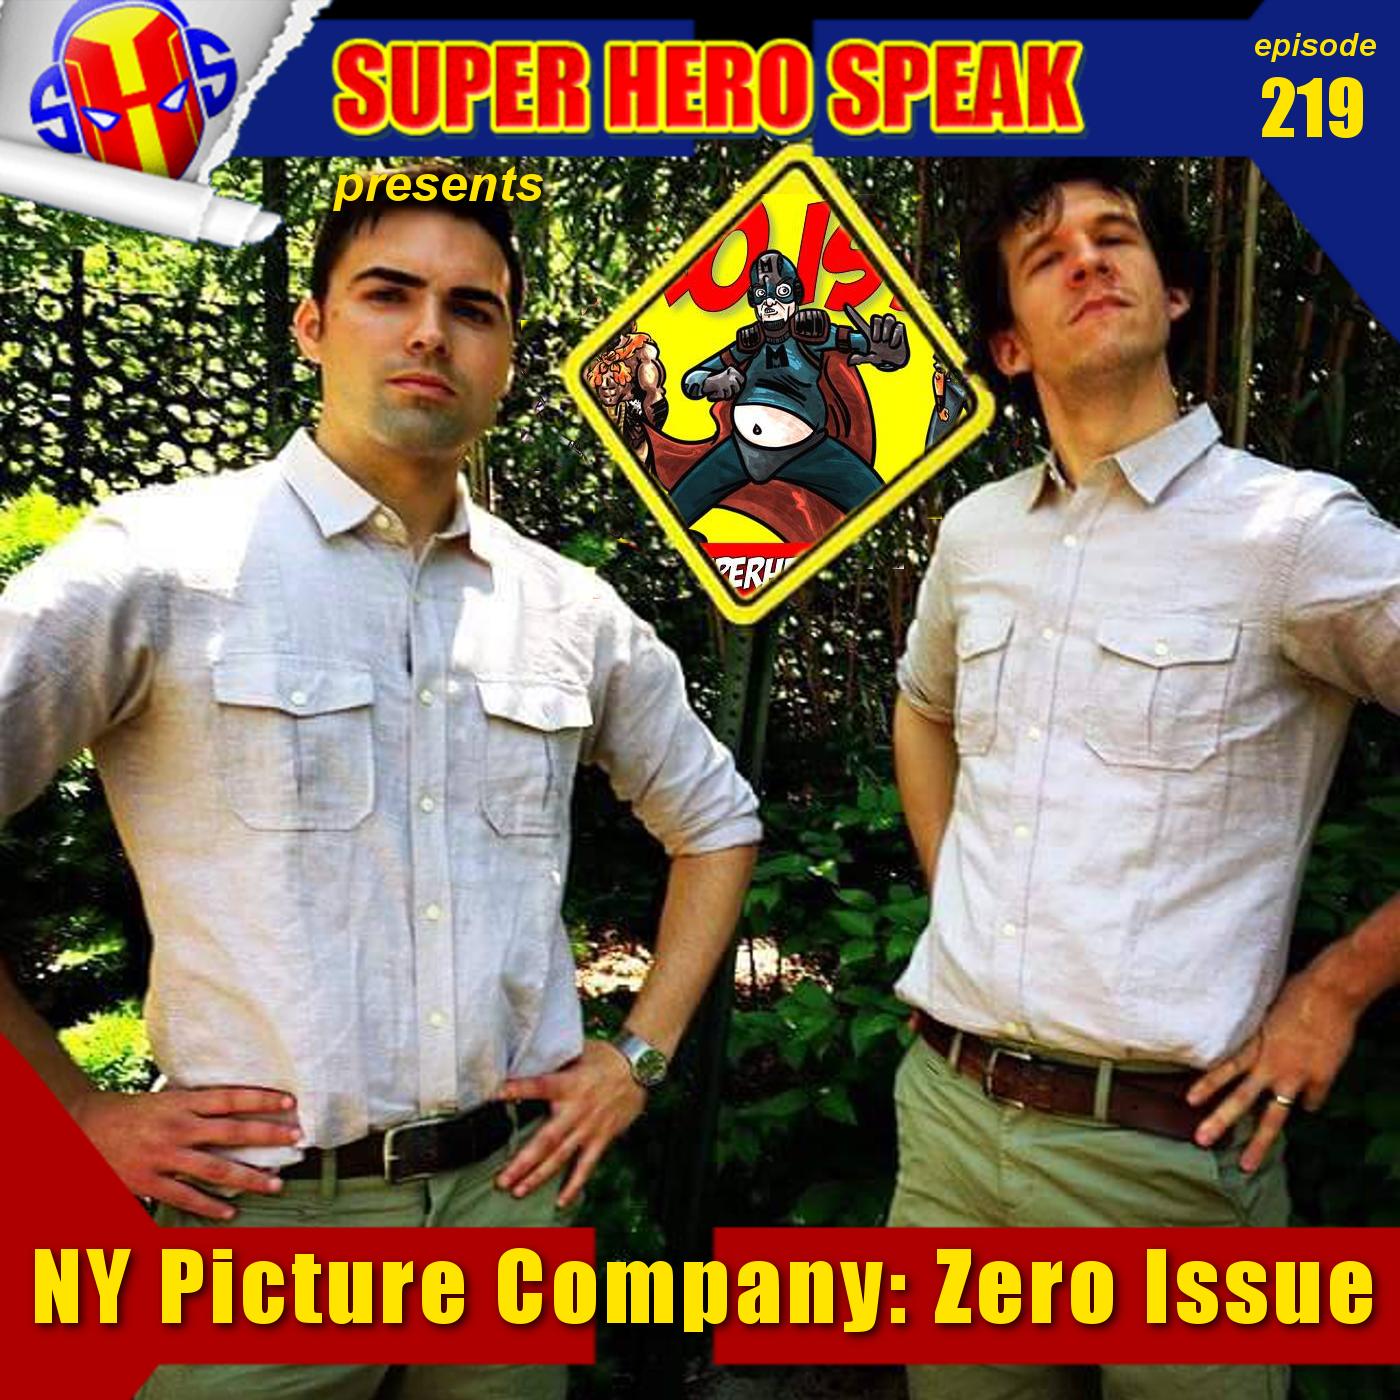 #219: Zero Issue